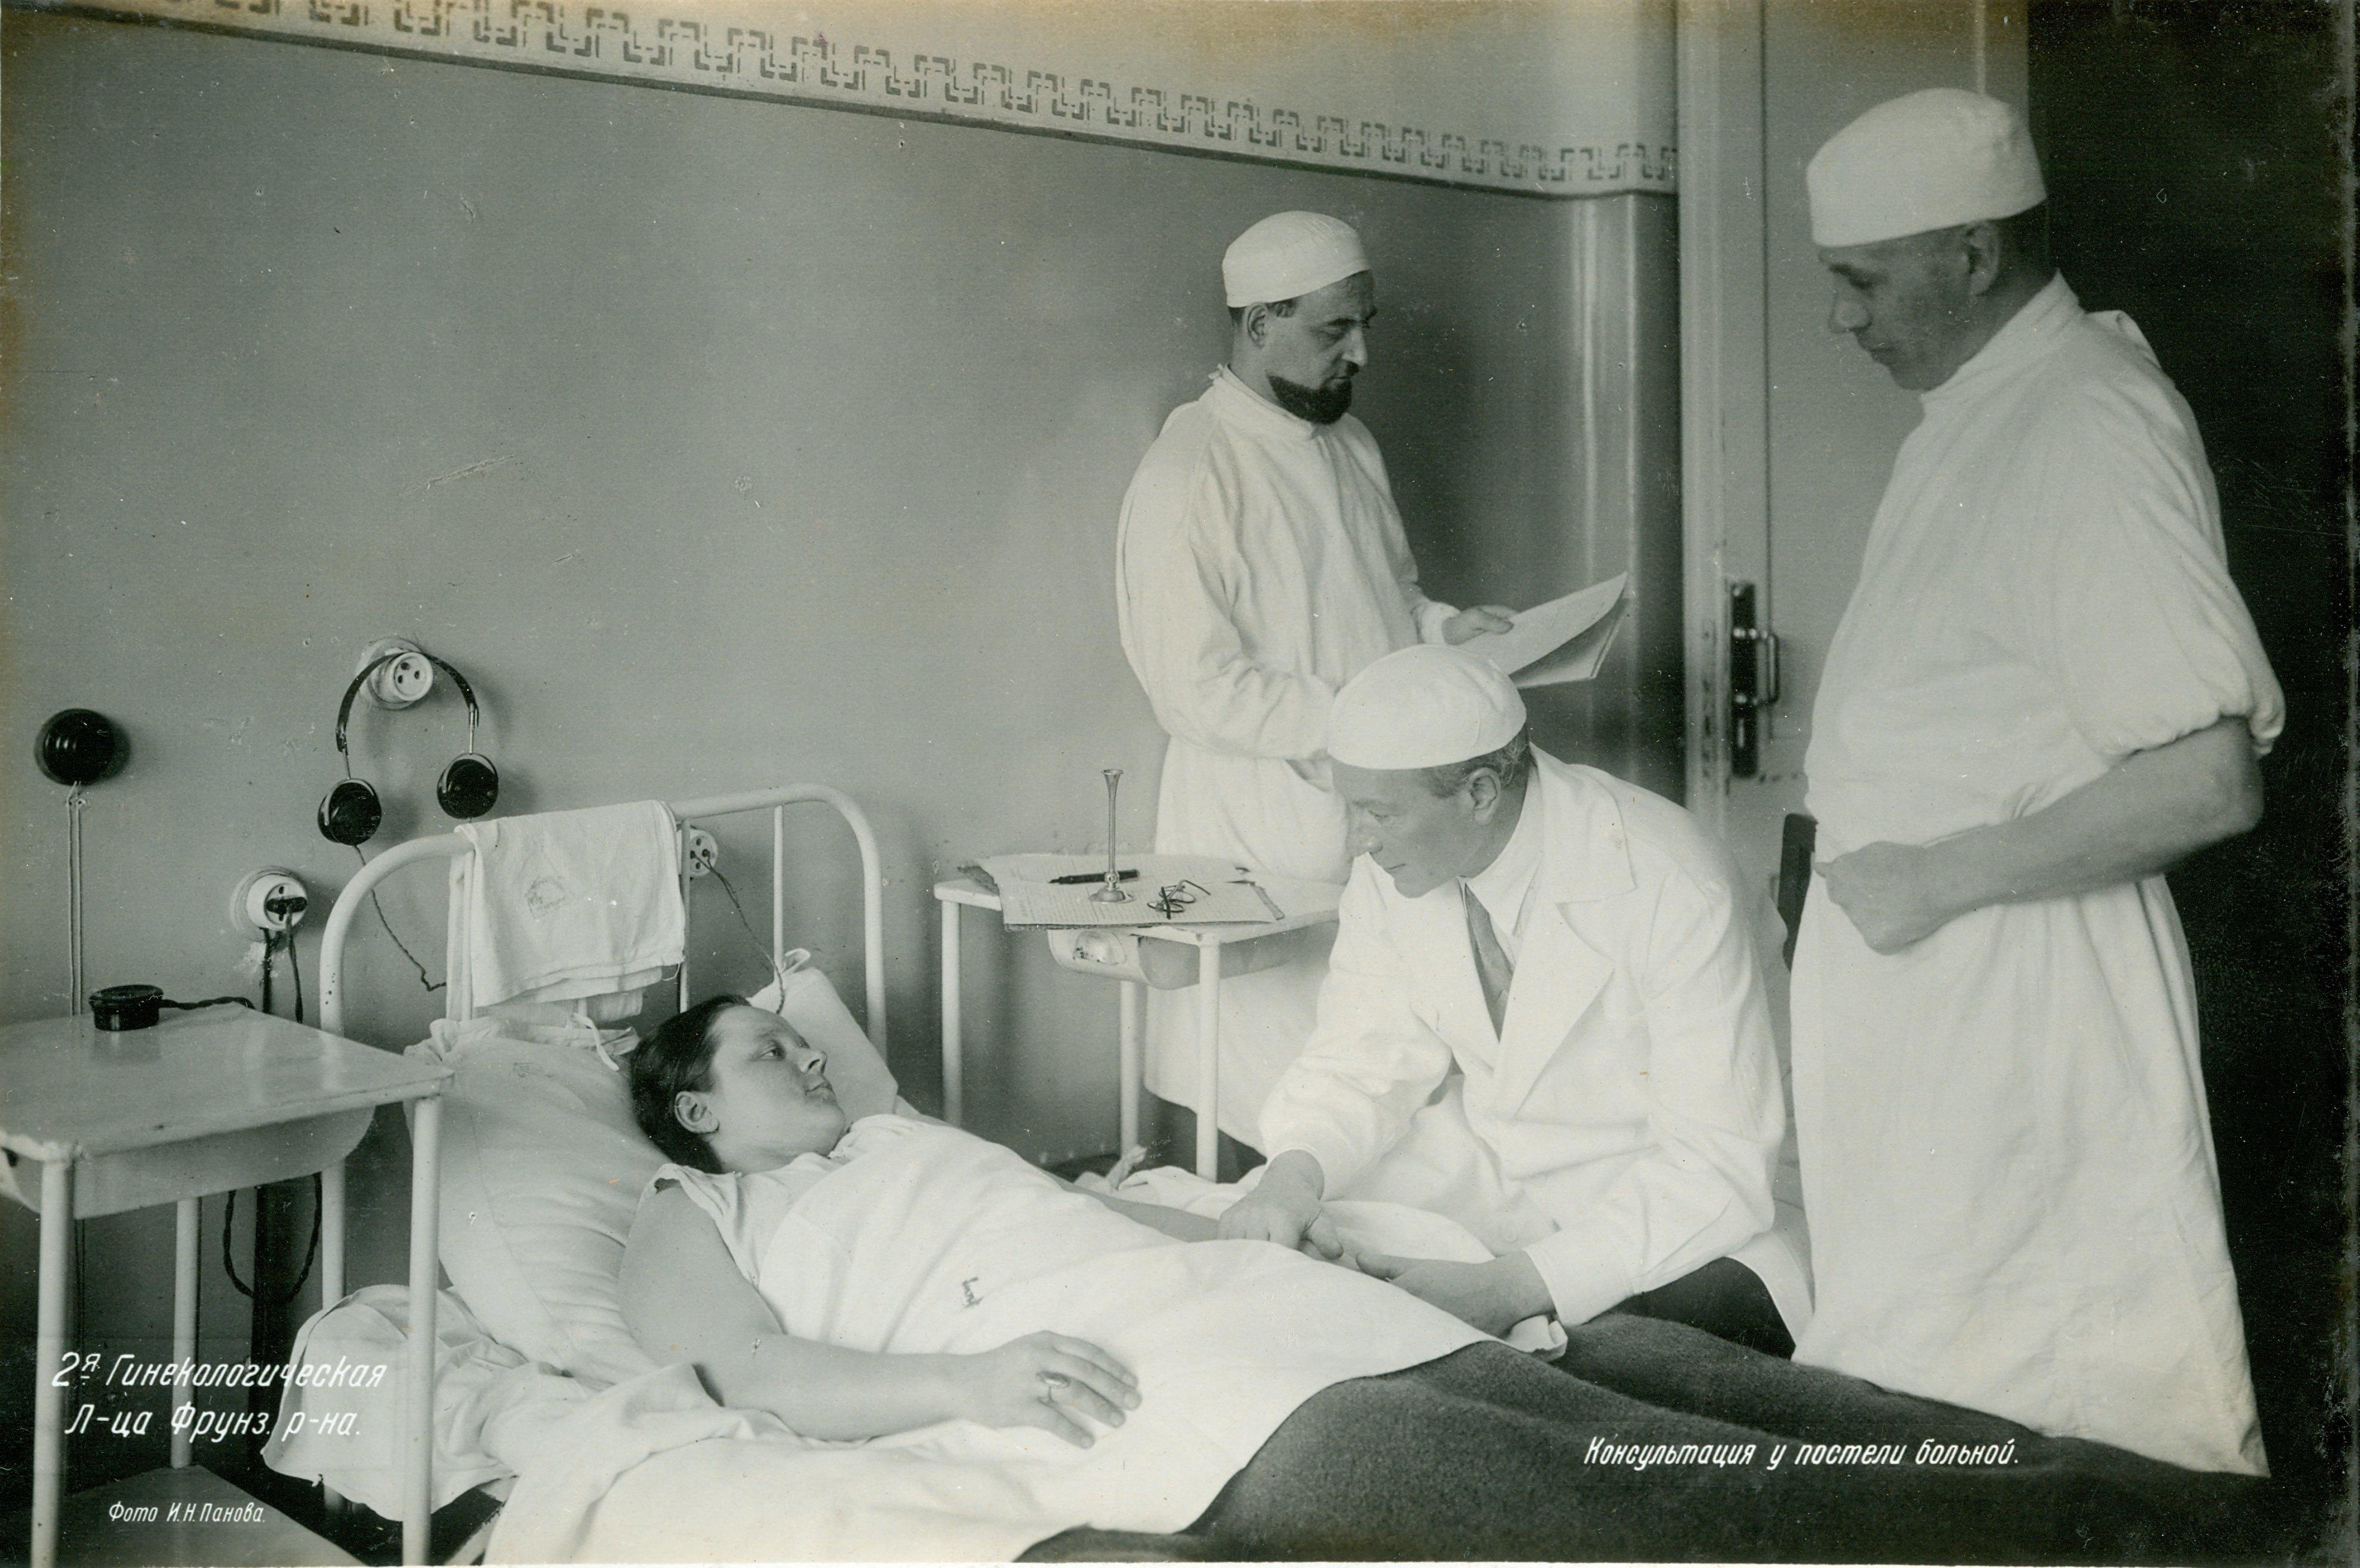 Консультация у постели больной